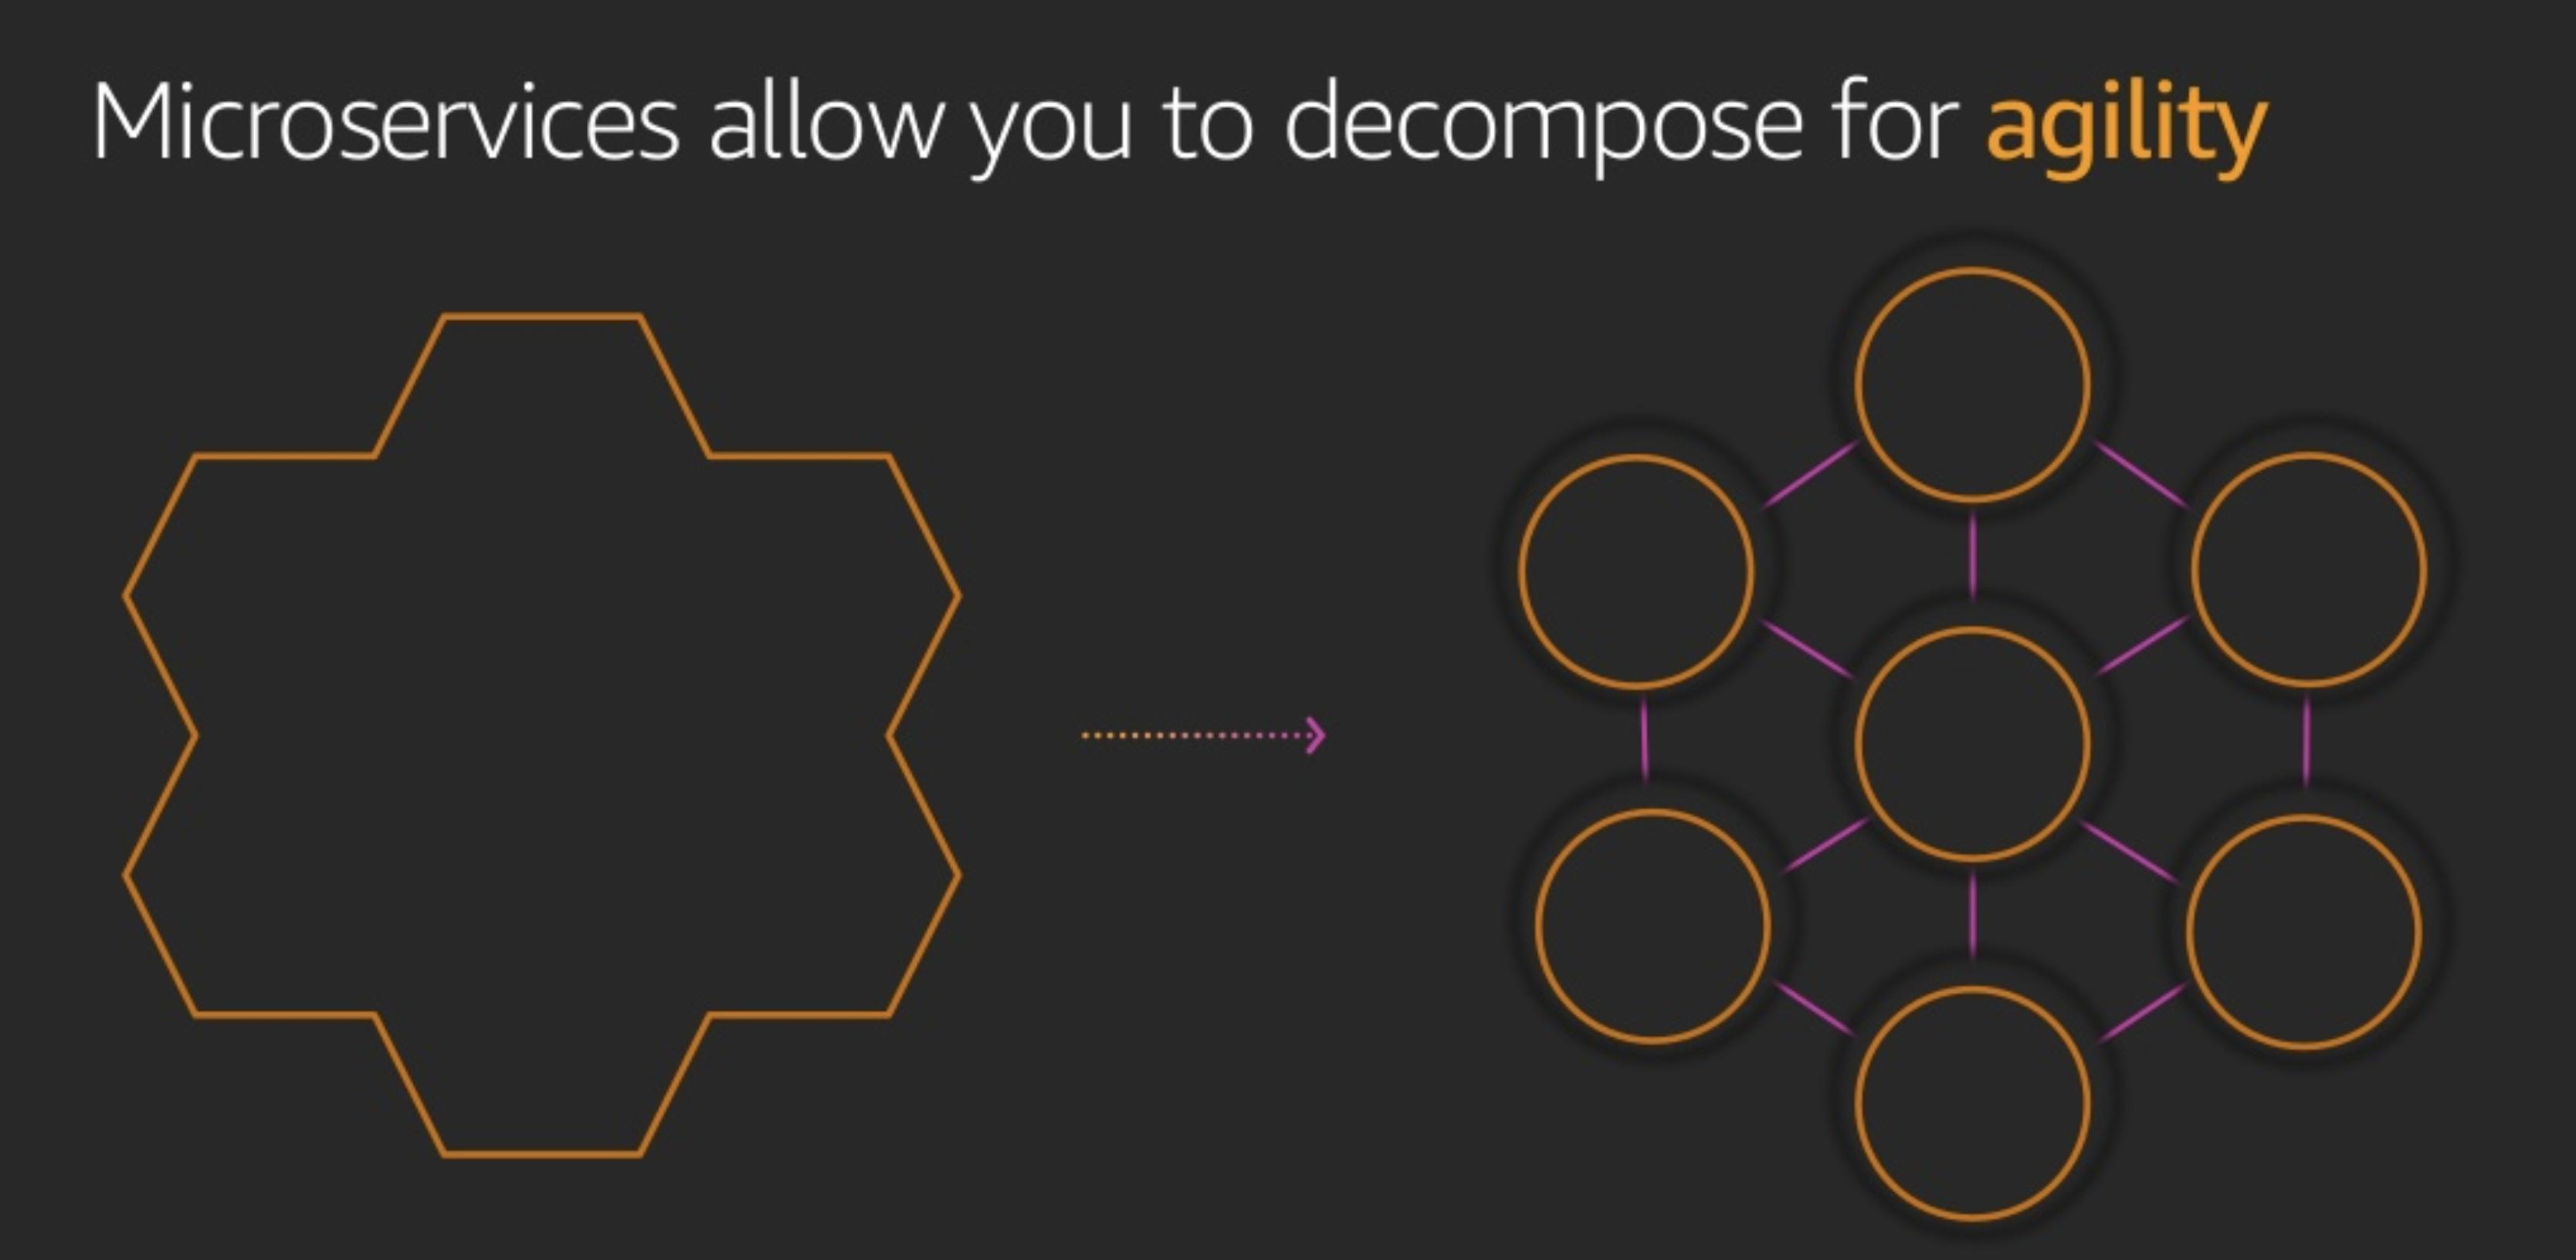 Microservices are more agile